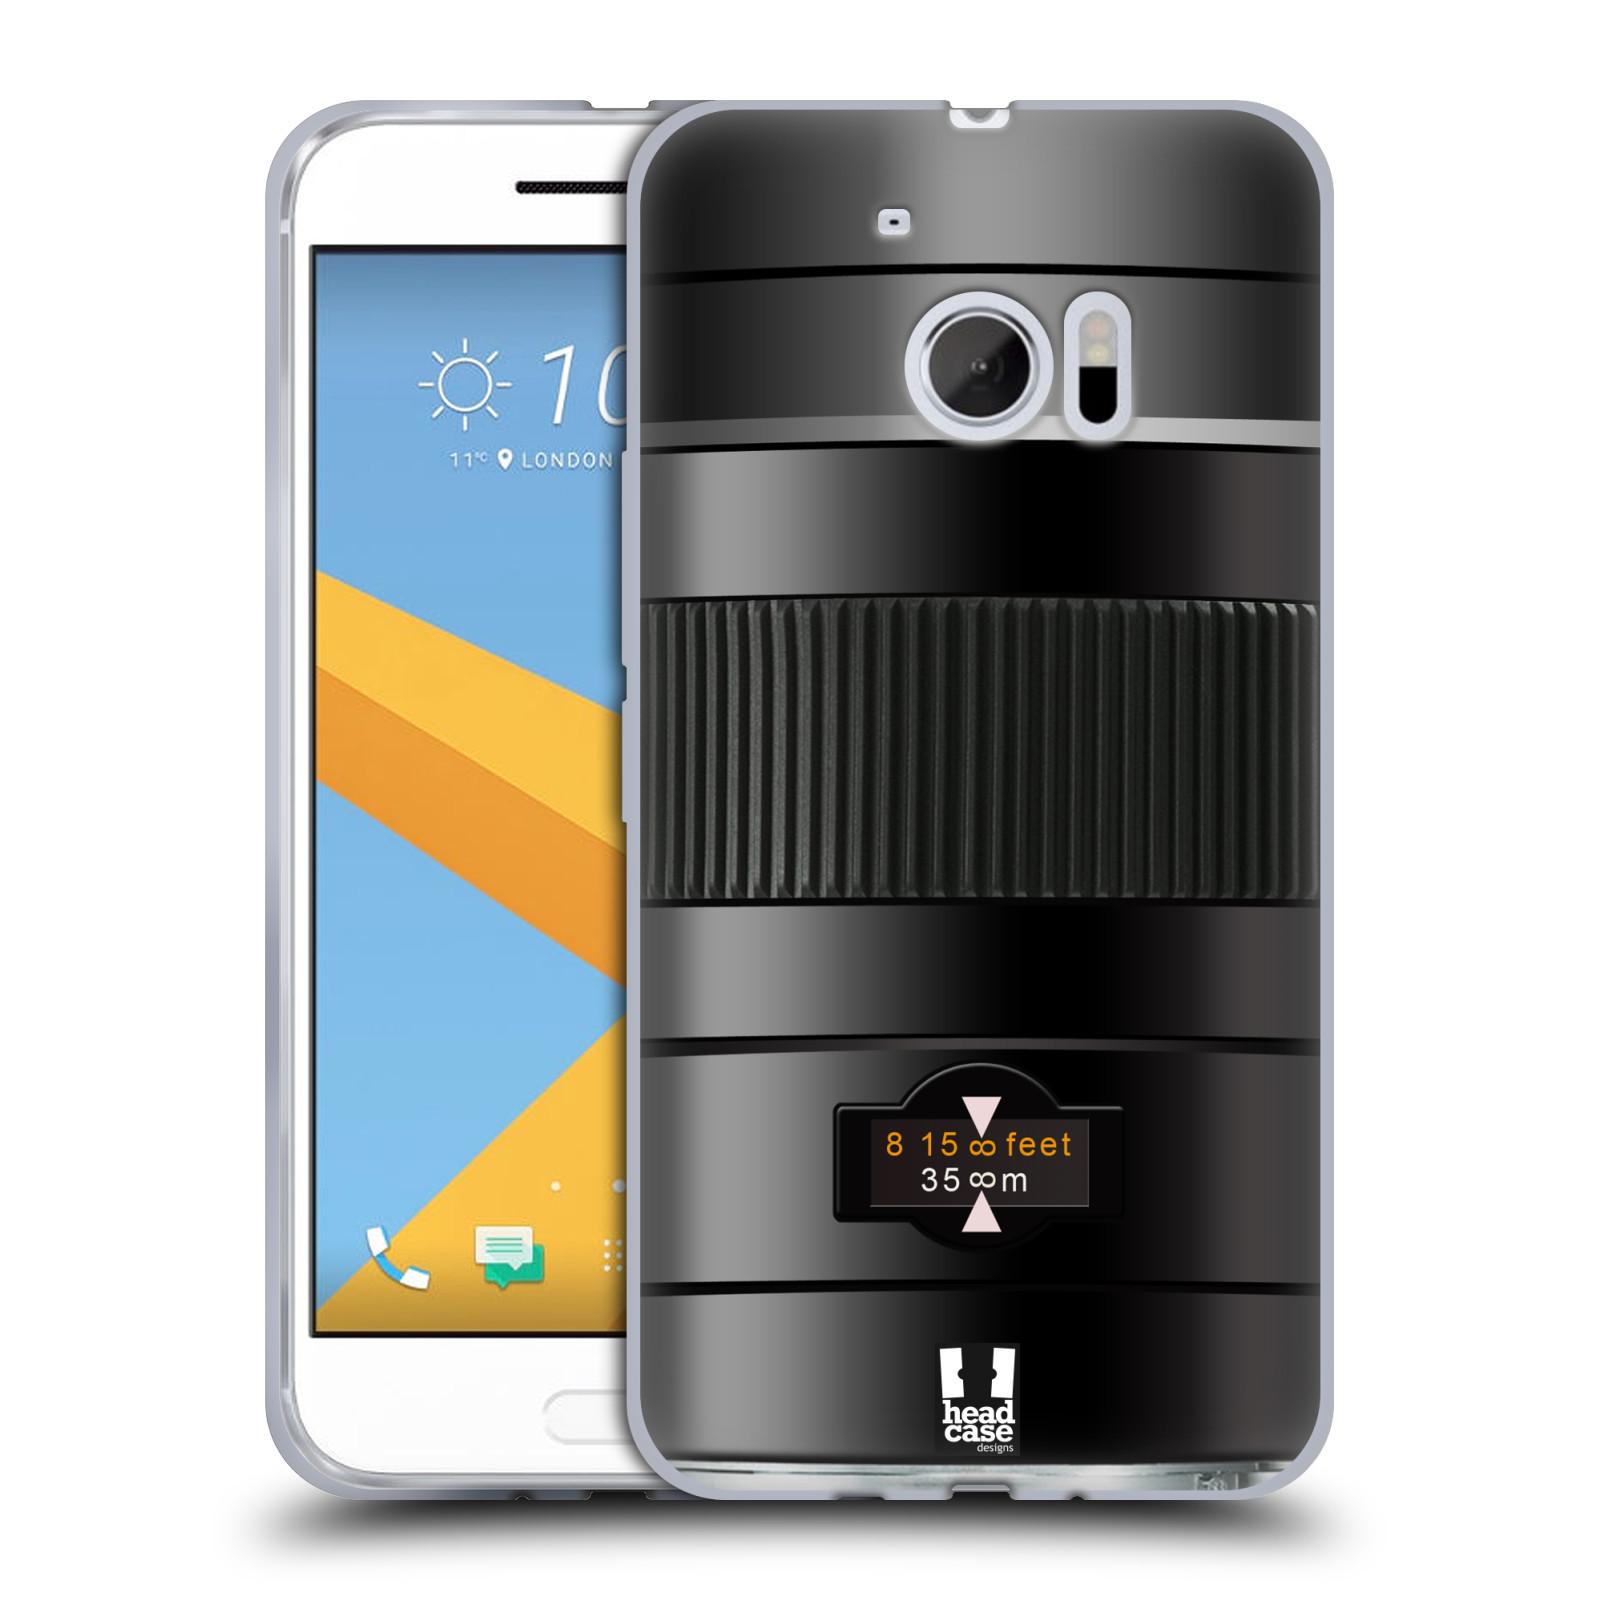 head case designs camera lens soft gel case for htc 10. Black Bedroom Furniture Sets. Home Design Ideas